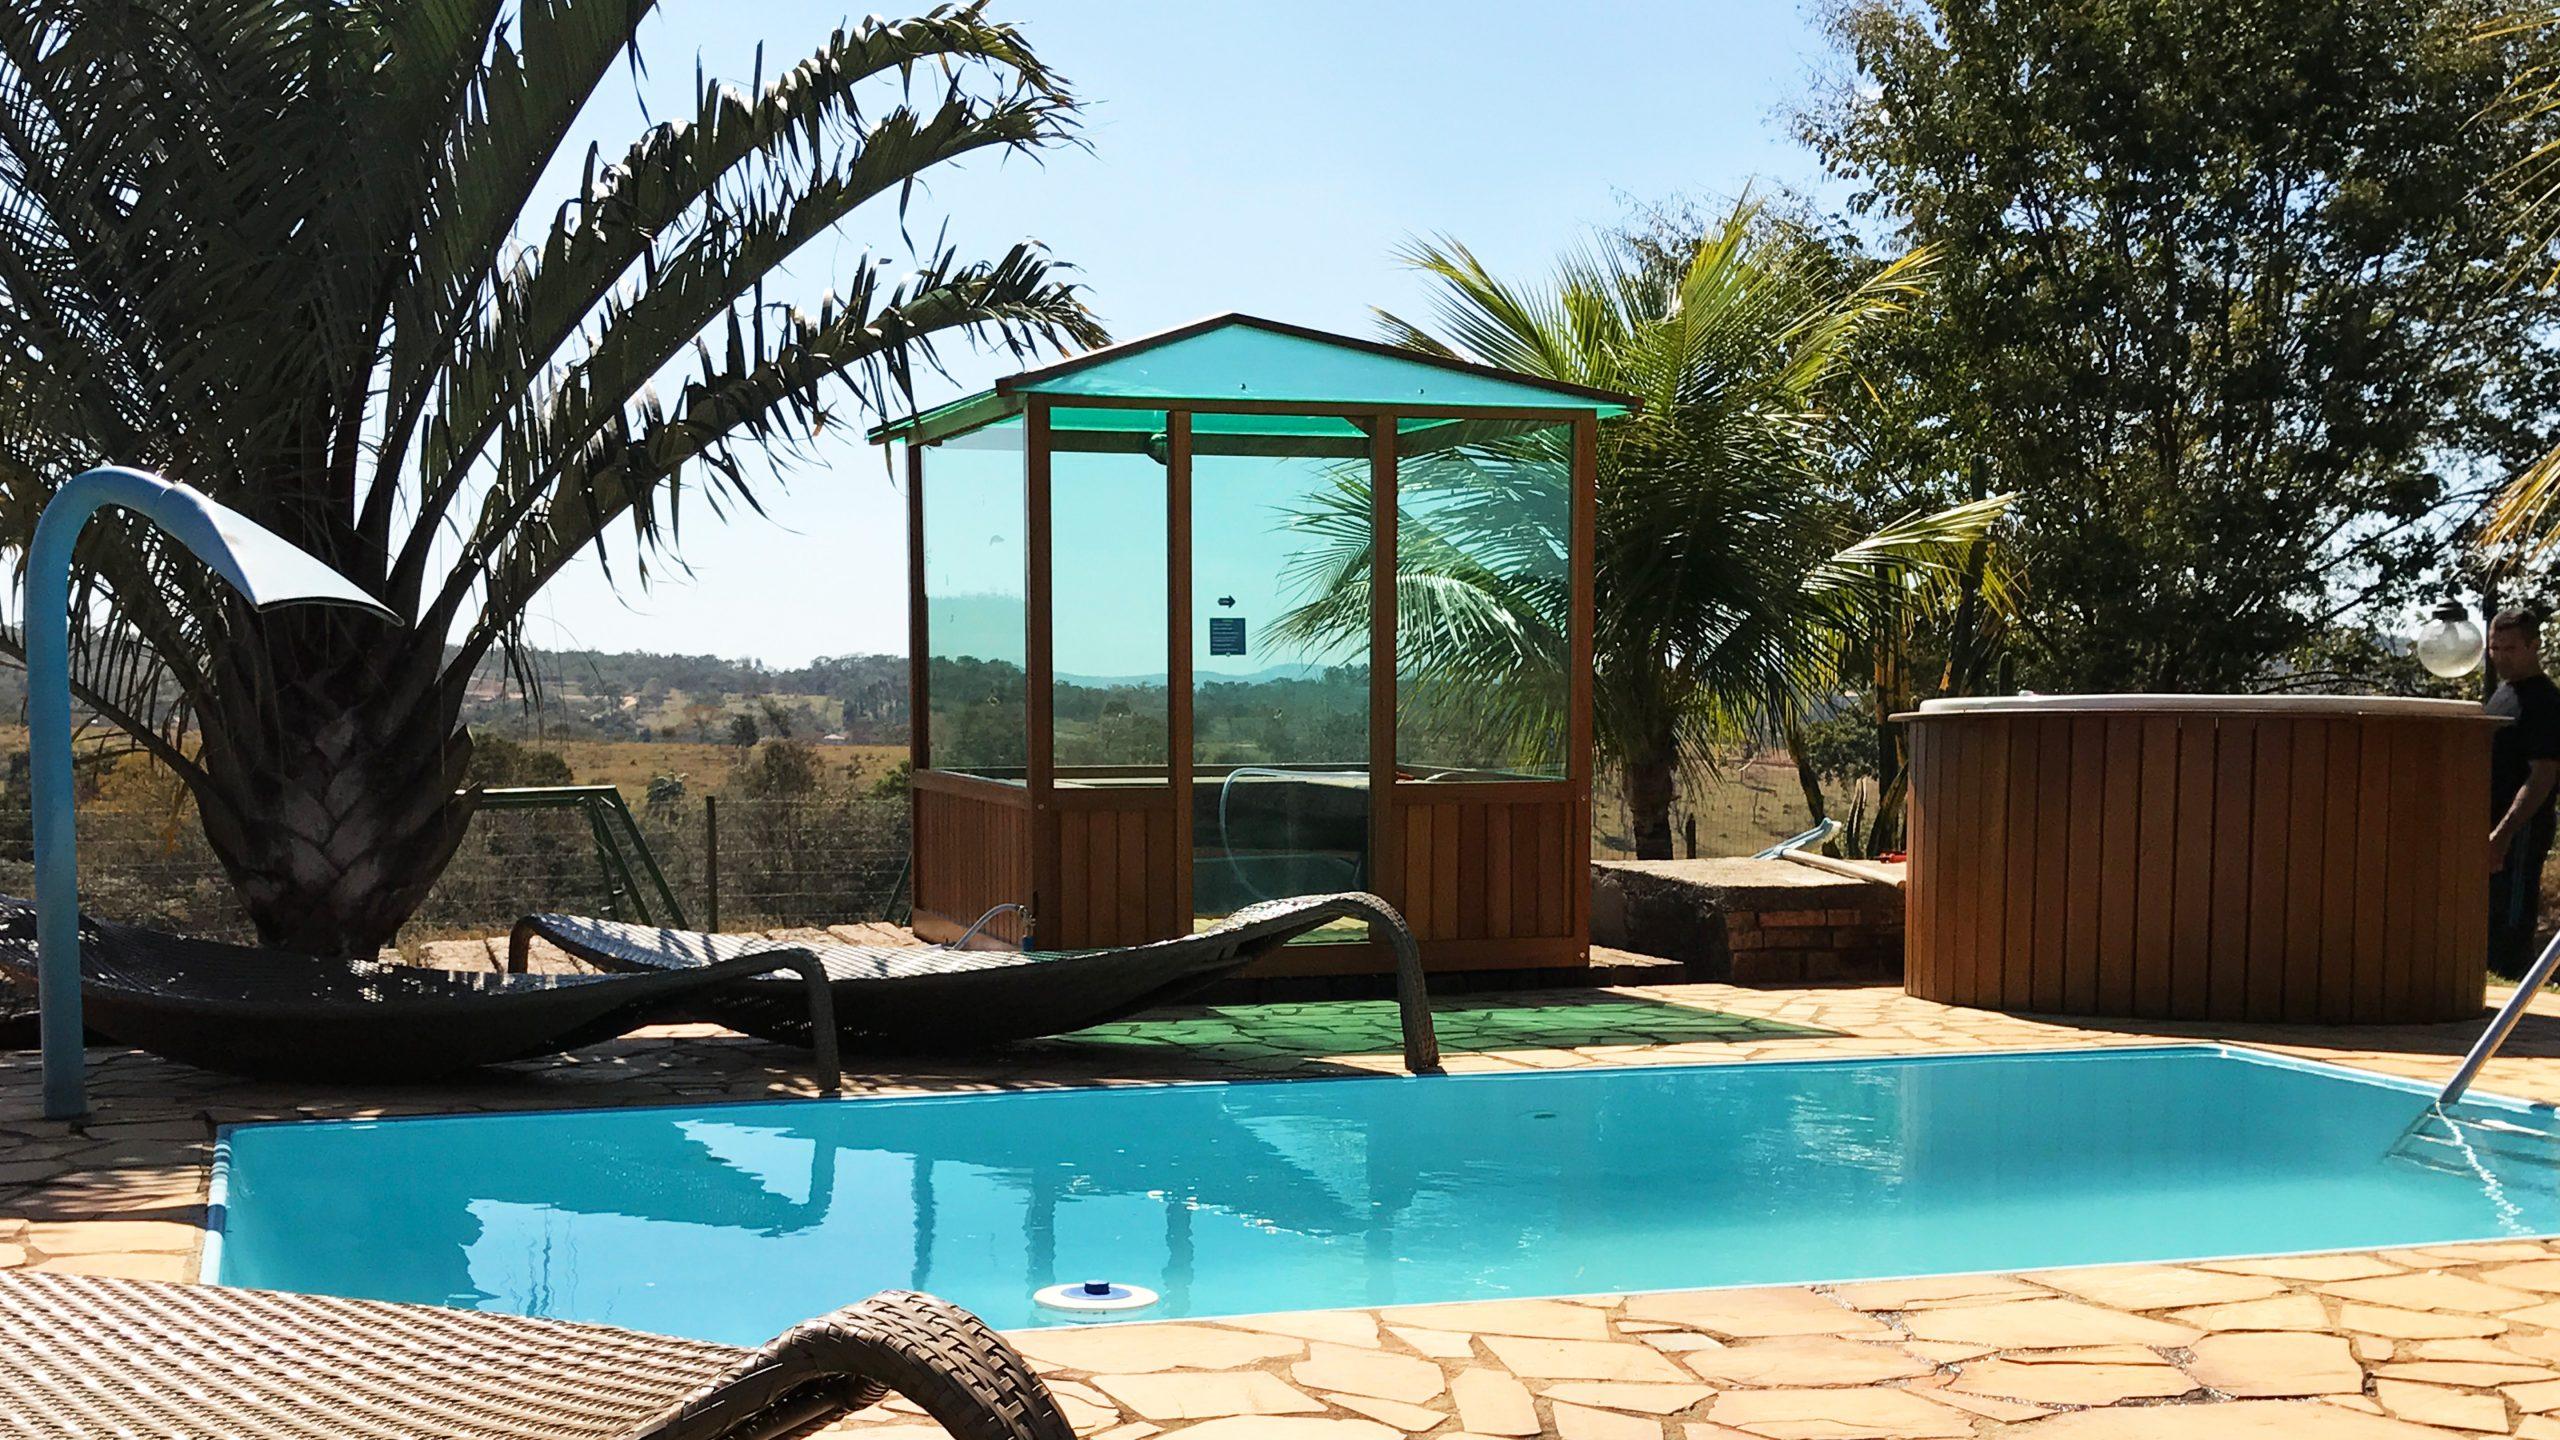 Piscina ou sauna: o que é melhor em um projeto residencial?